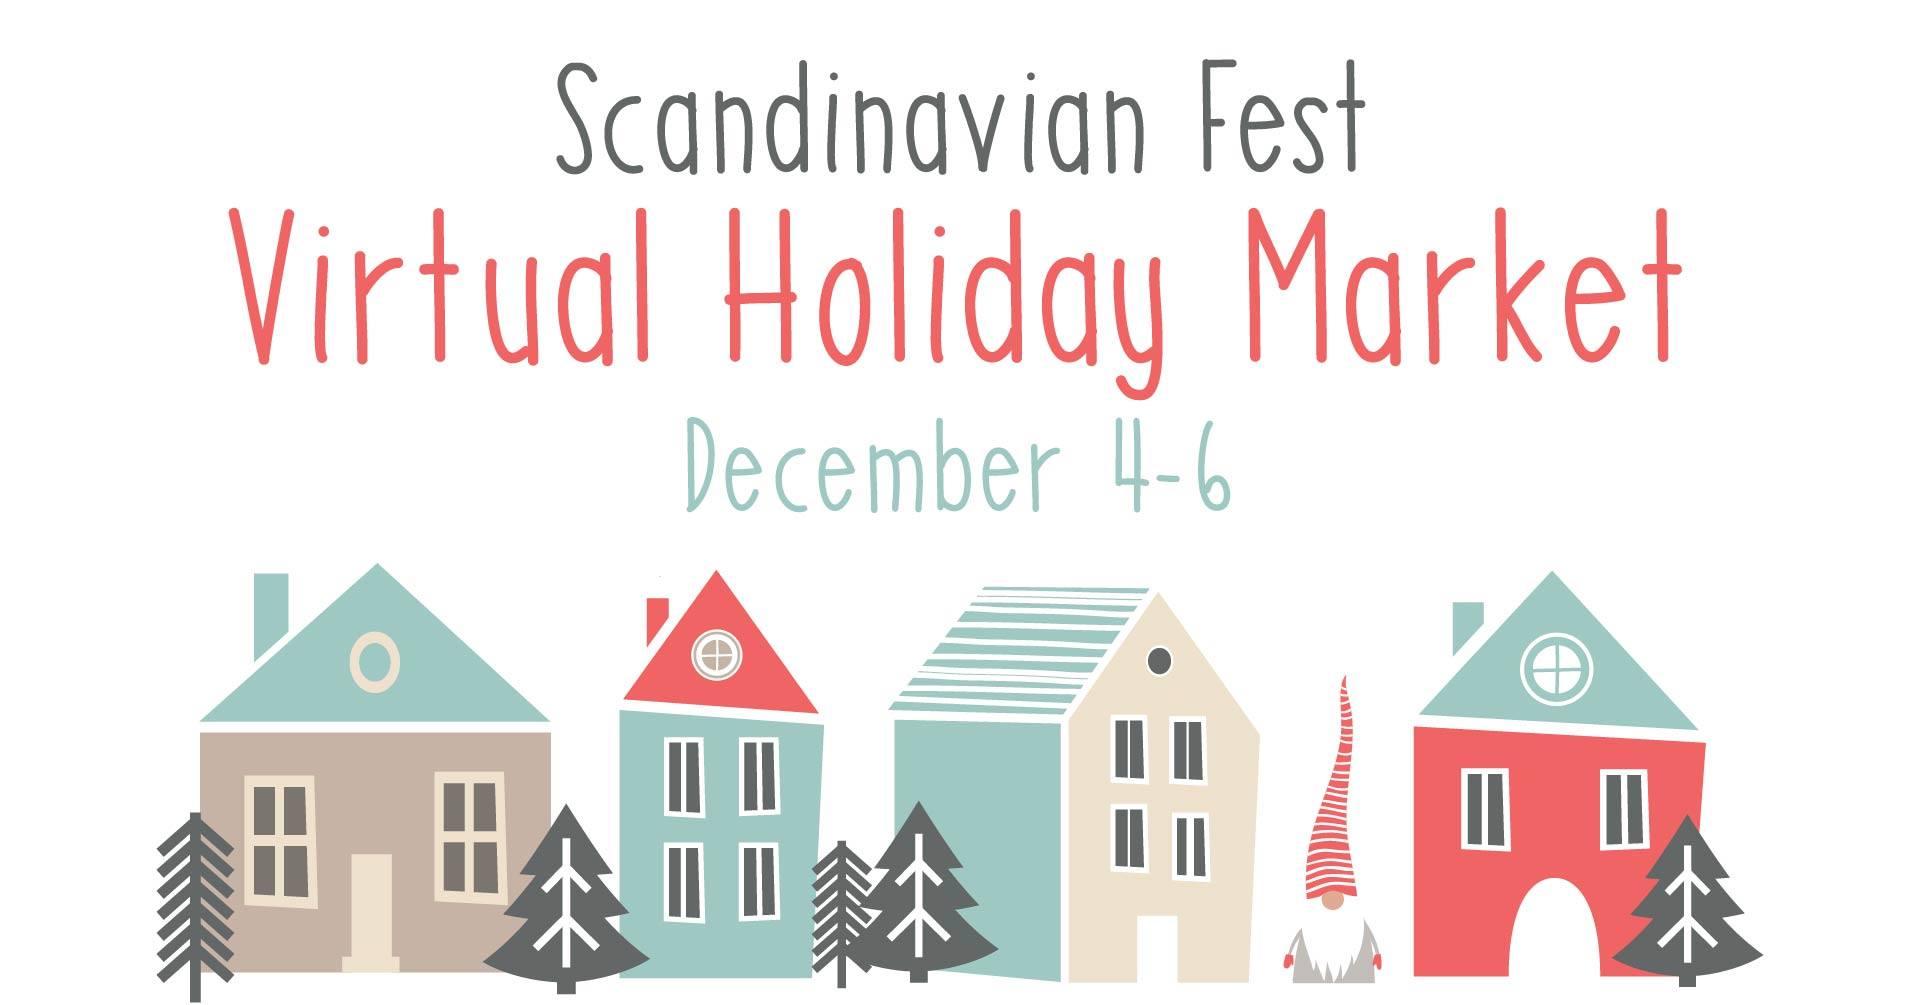 Scandinavian Fest Holiday Market